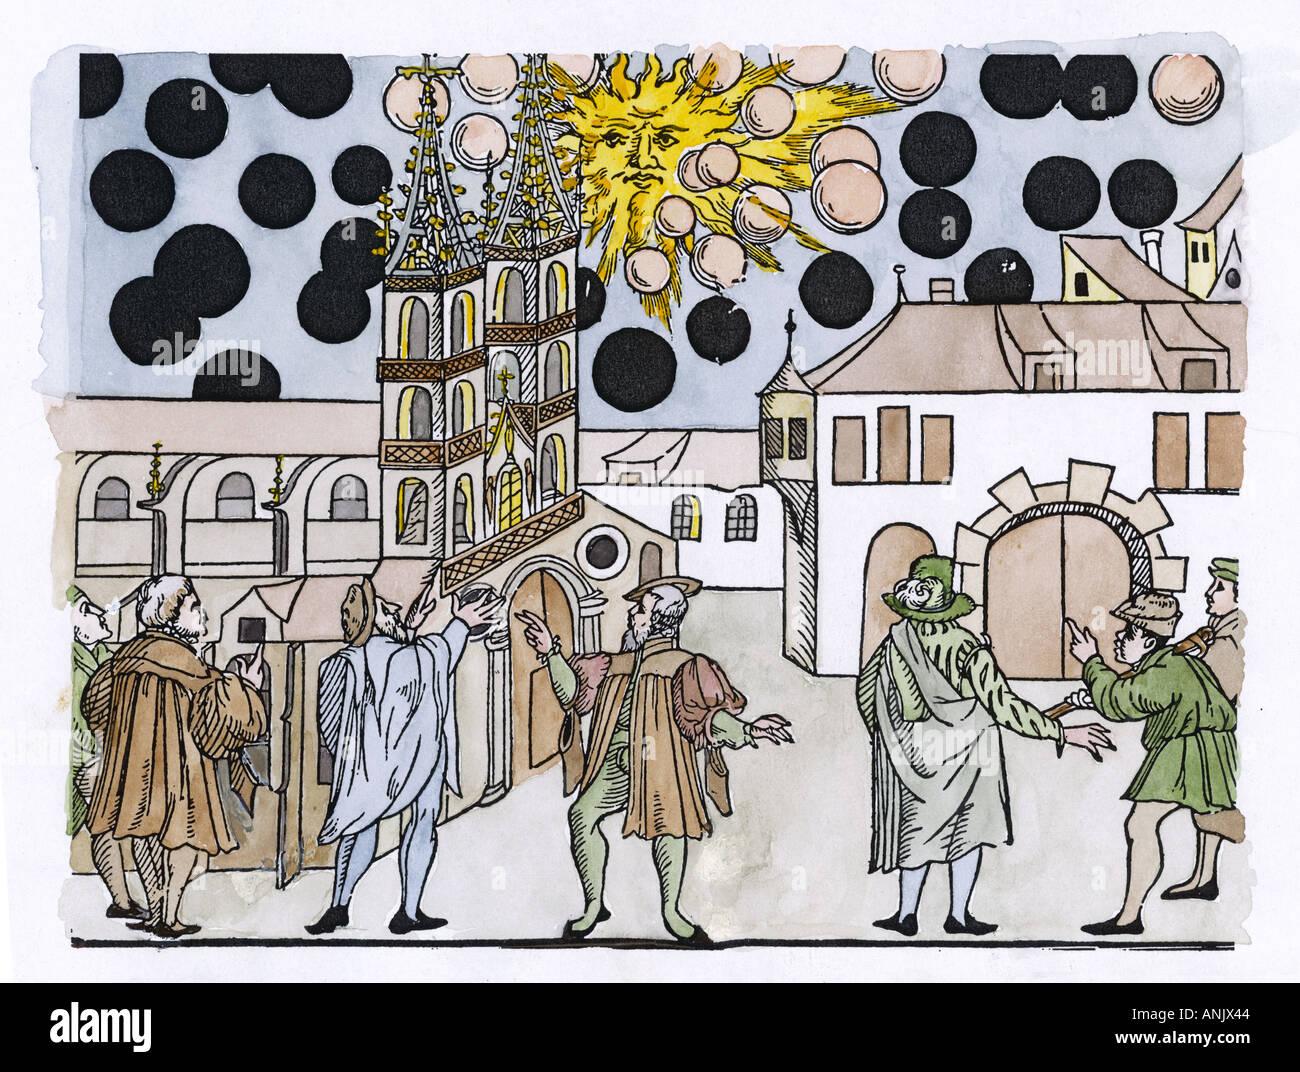 Ufos Basel 1566